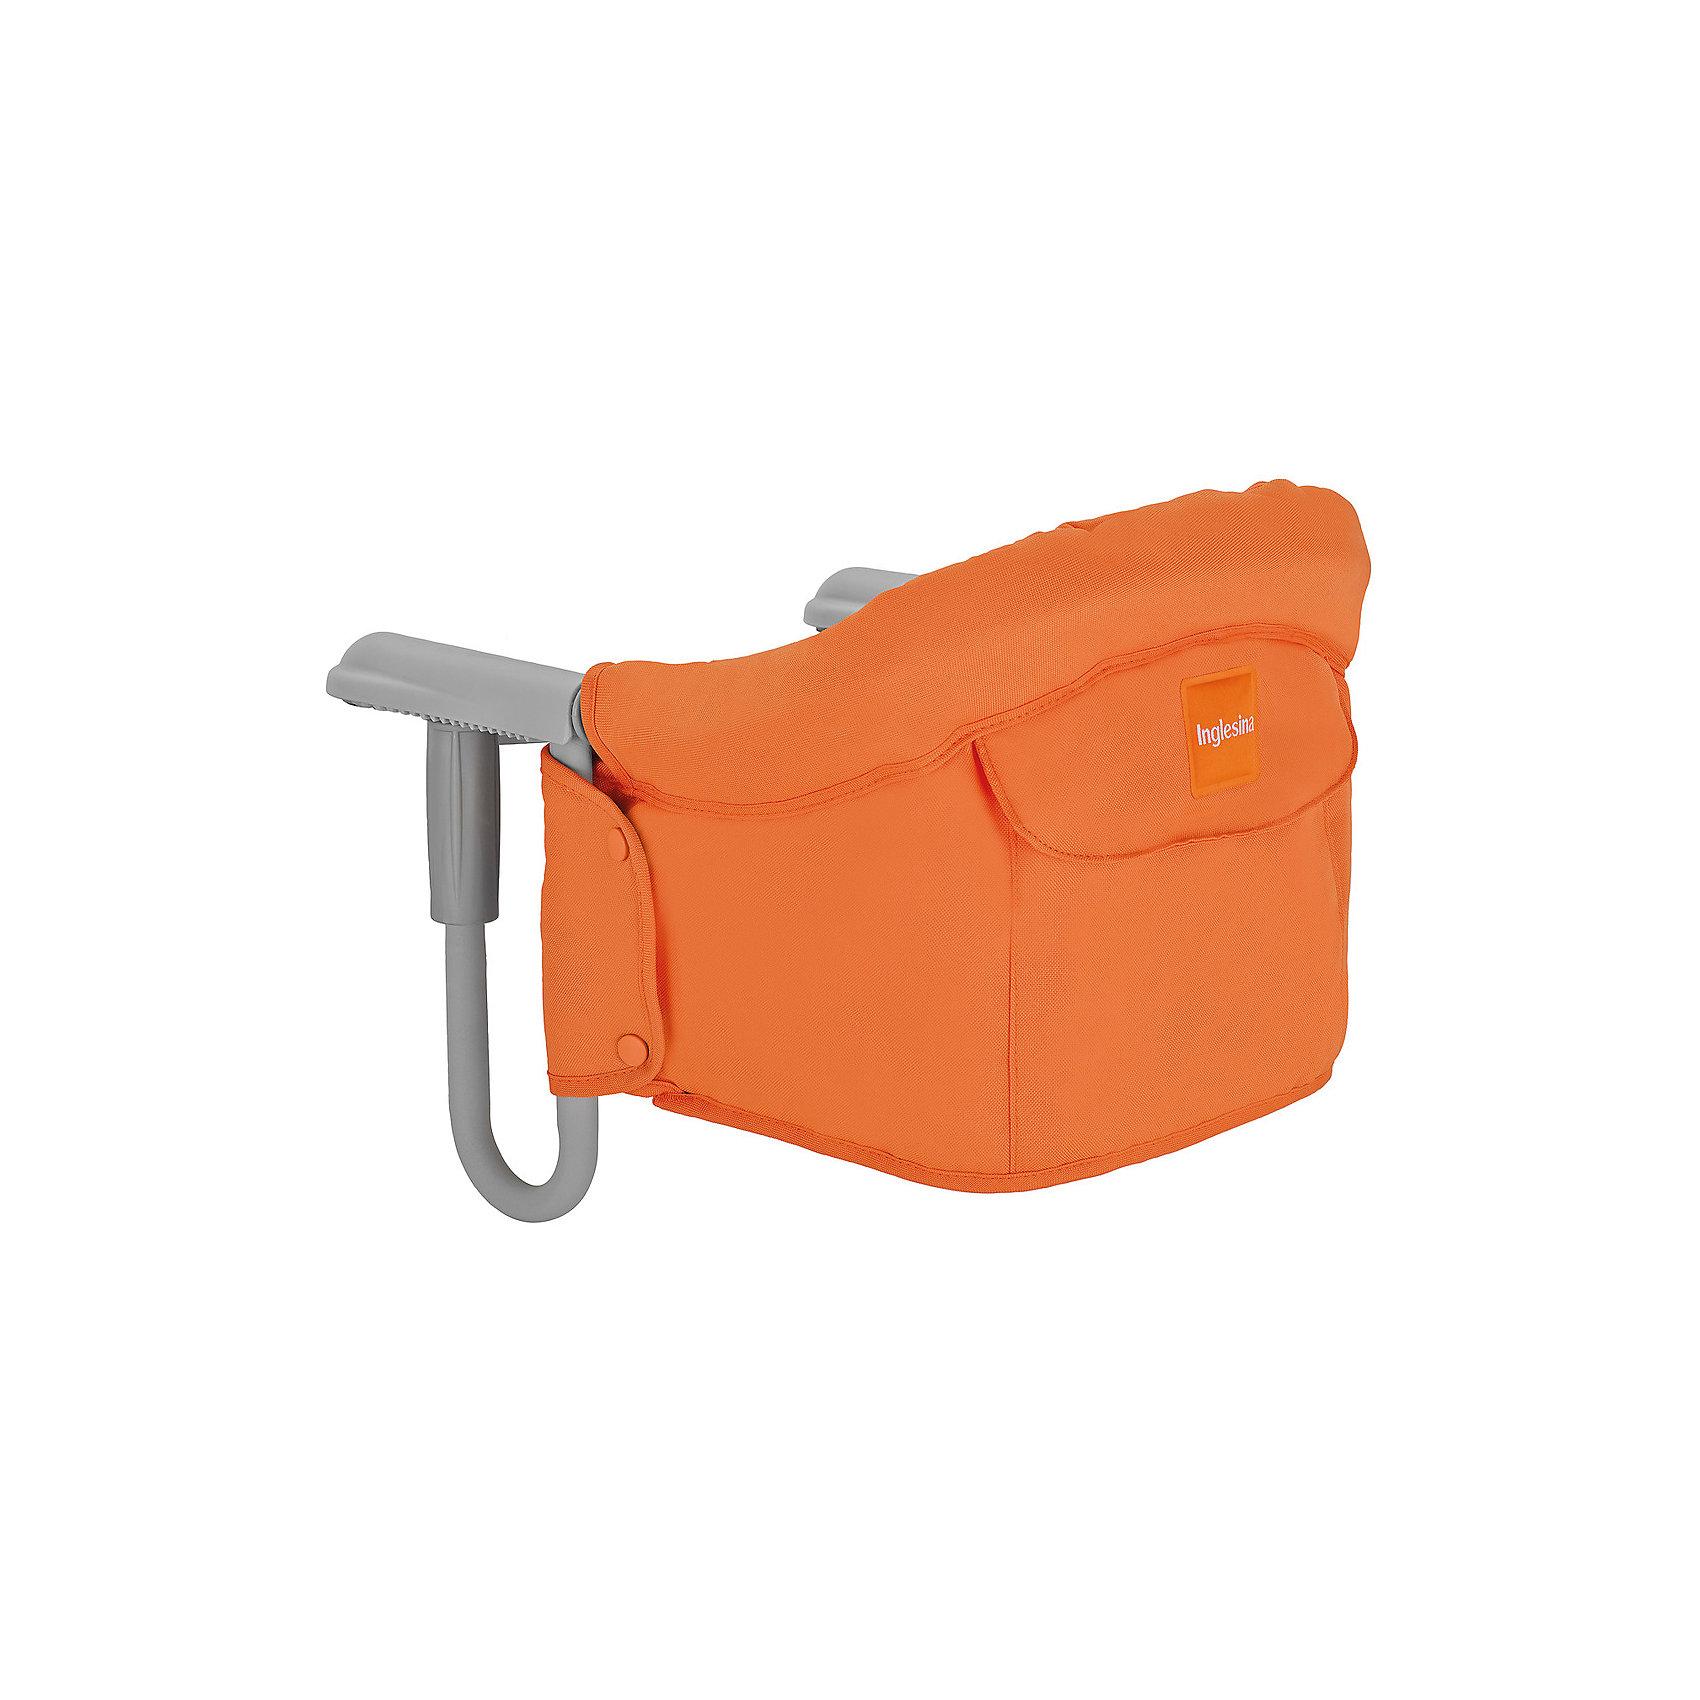 Inglesina Подвесной стульчик для кормления FAST, Inglesina, оранжевый стульчик для кормления inglesina inglesina стульчик для кормления gusto cocobut